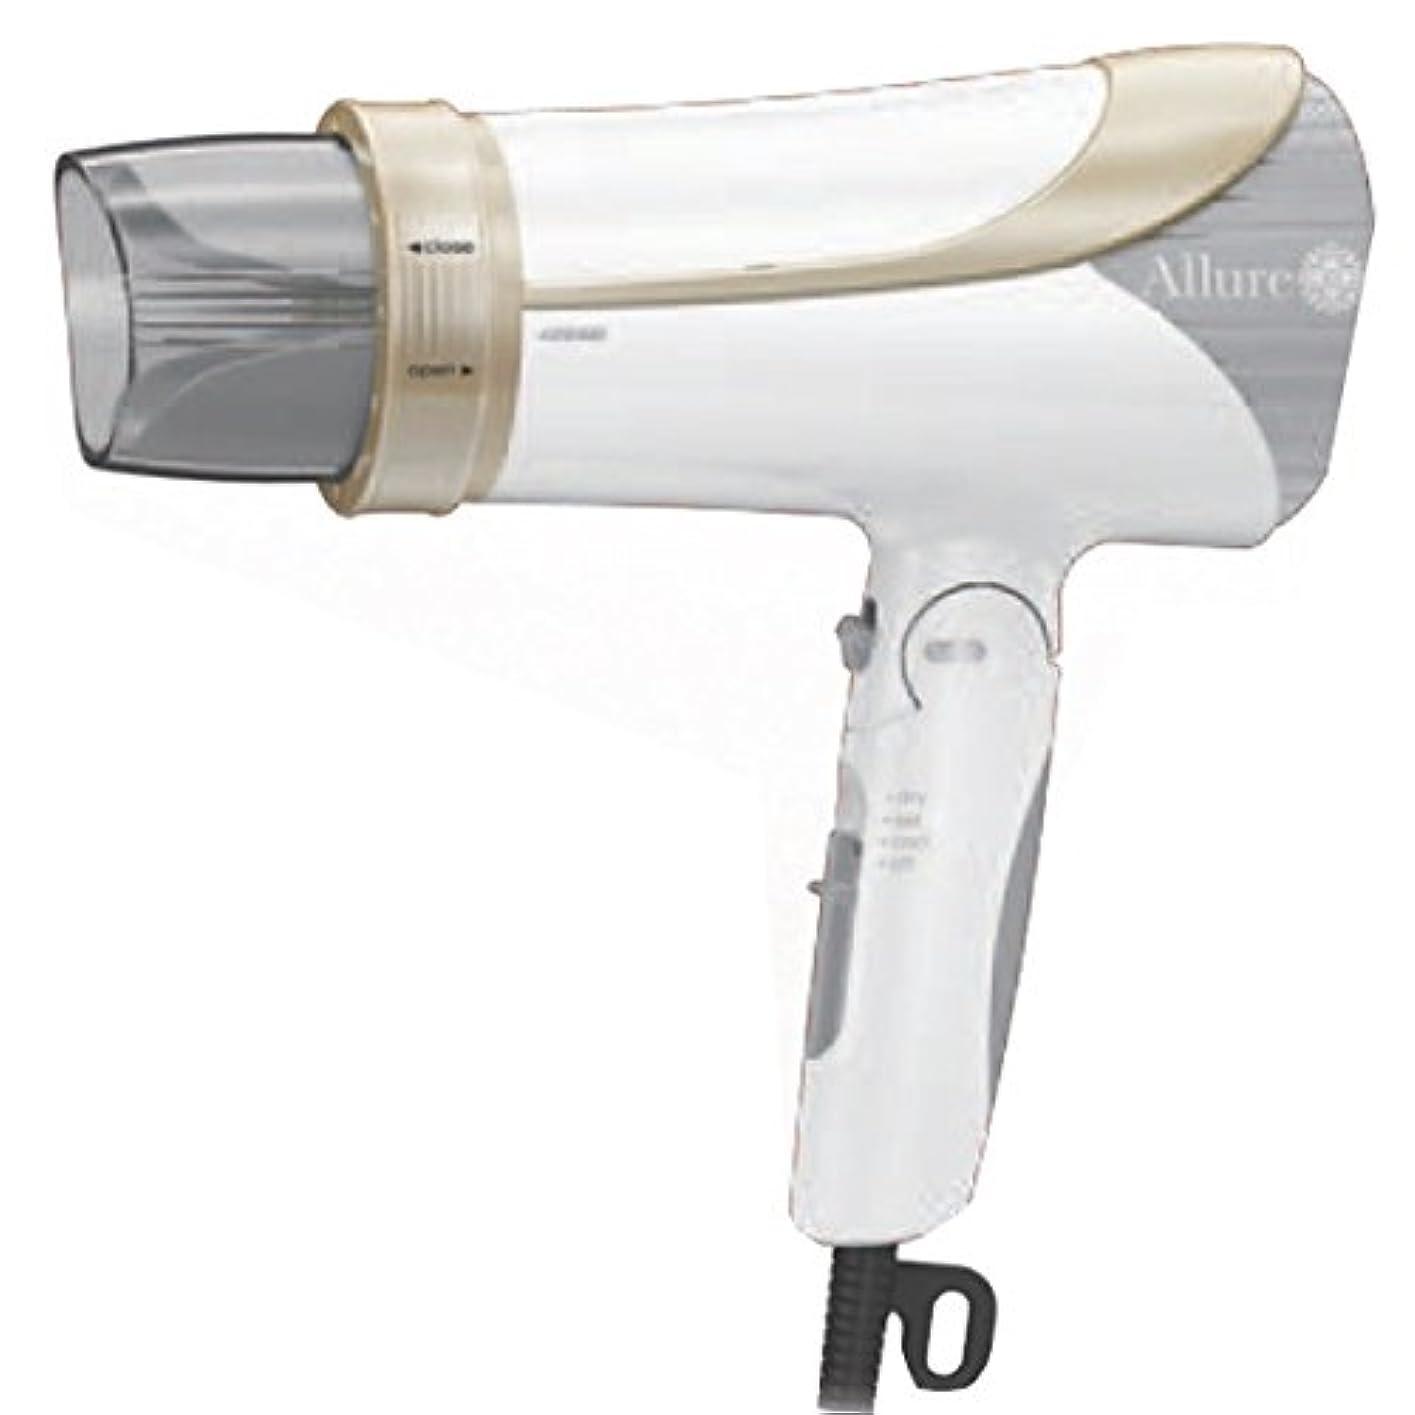 使役満足させるバンIZUMI Allure マイナスイオンヘアードライヤー ホワイト DR-RM75-W